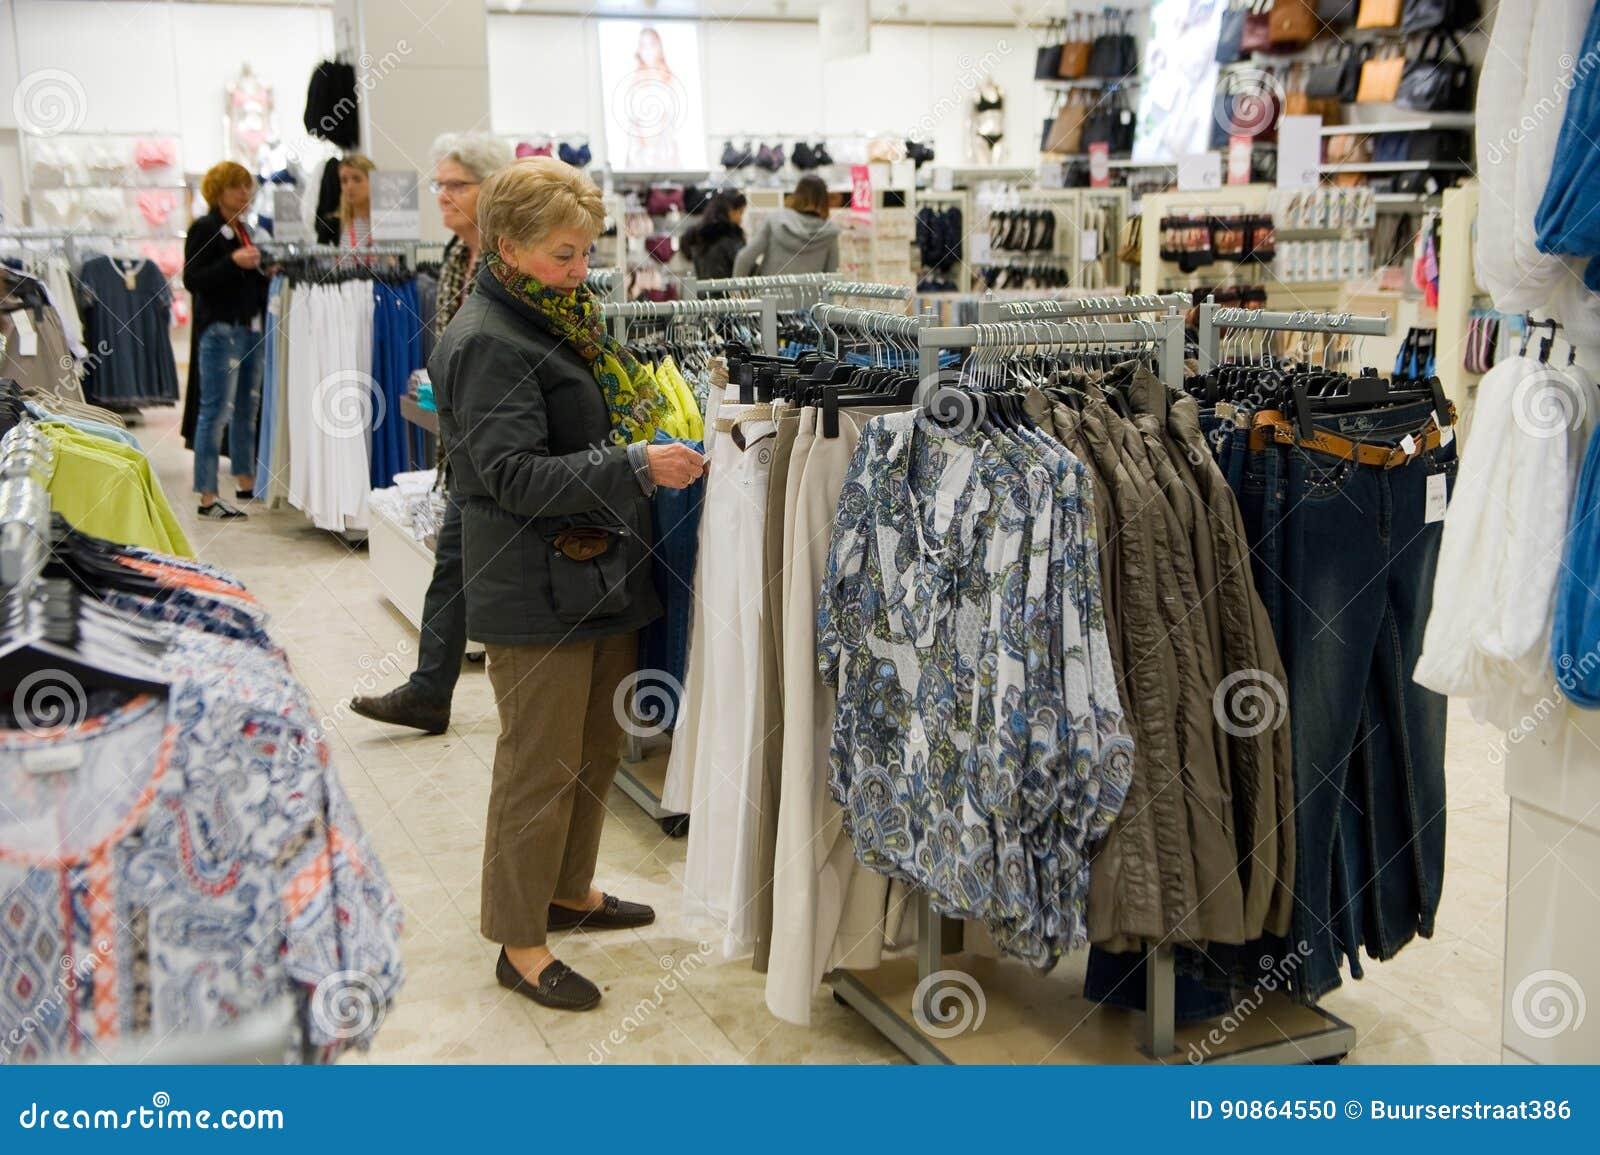 zapatillas de skate mirada detallada muchas opciones de Tienda C&A de la ropa imagen editorial. Imagen de agosto ...